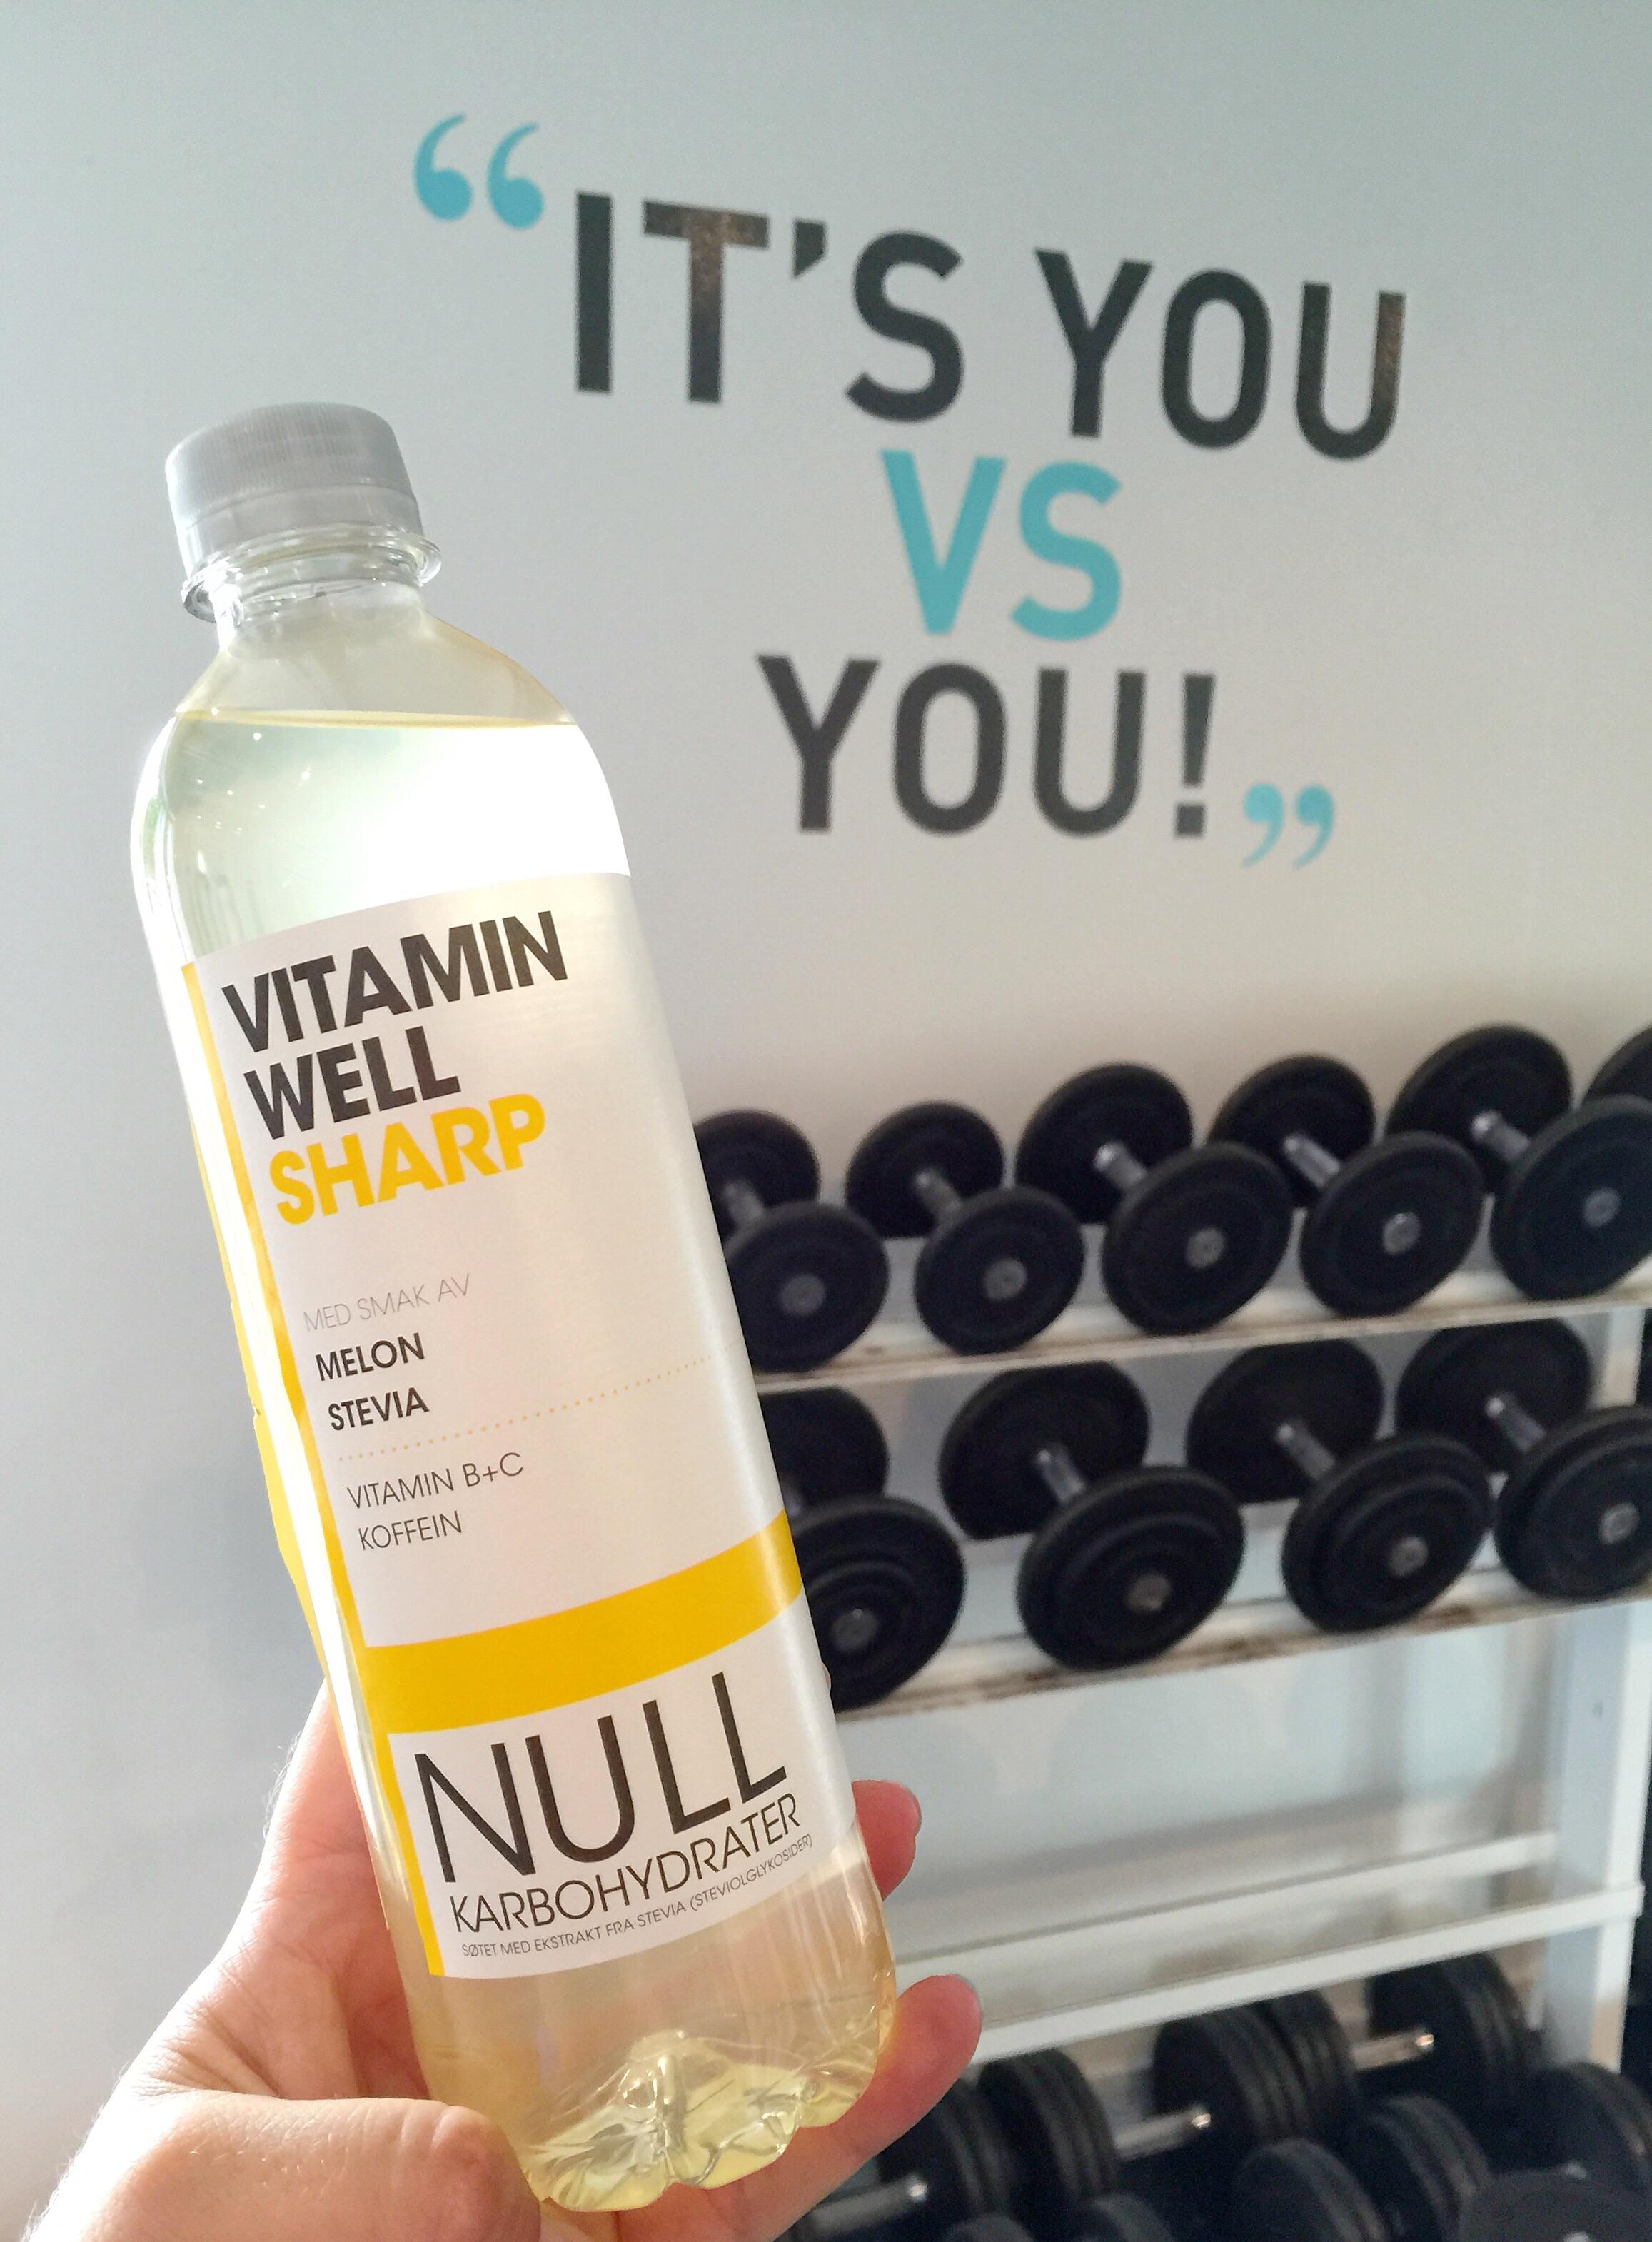 Jeg drakk denne før trening i dag for litt ekstra kick #annonse